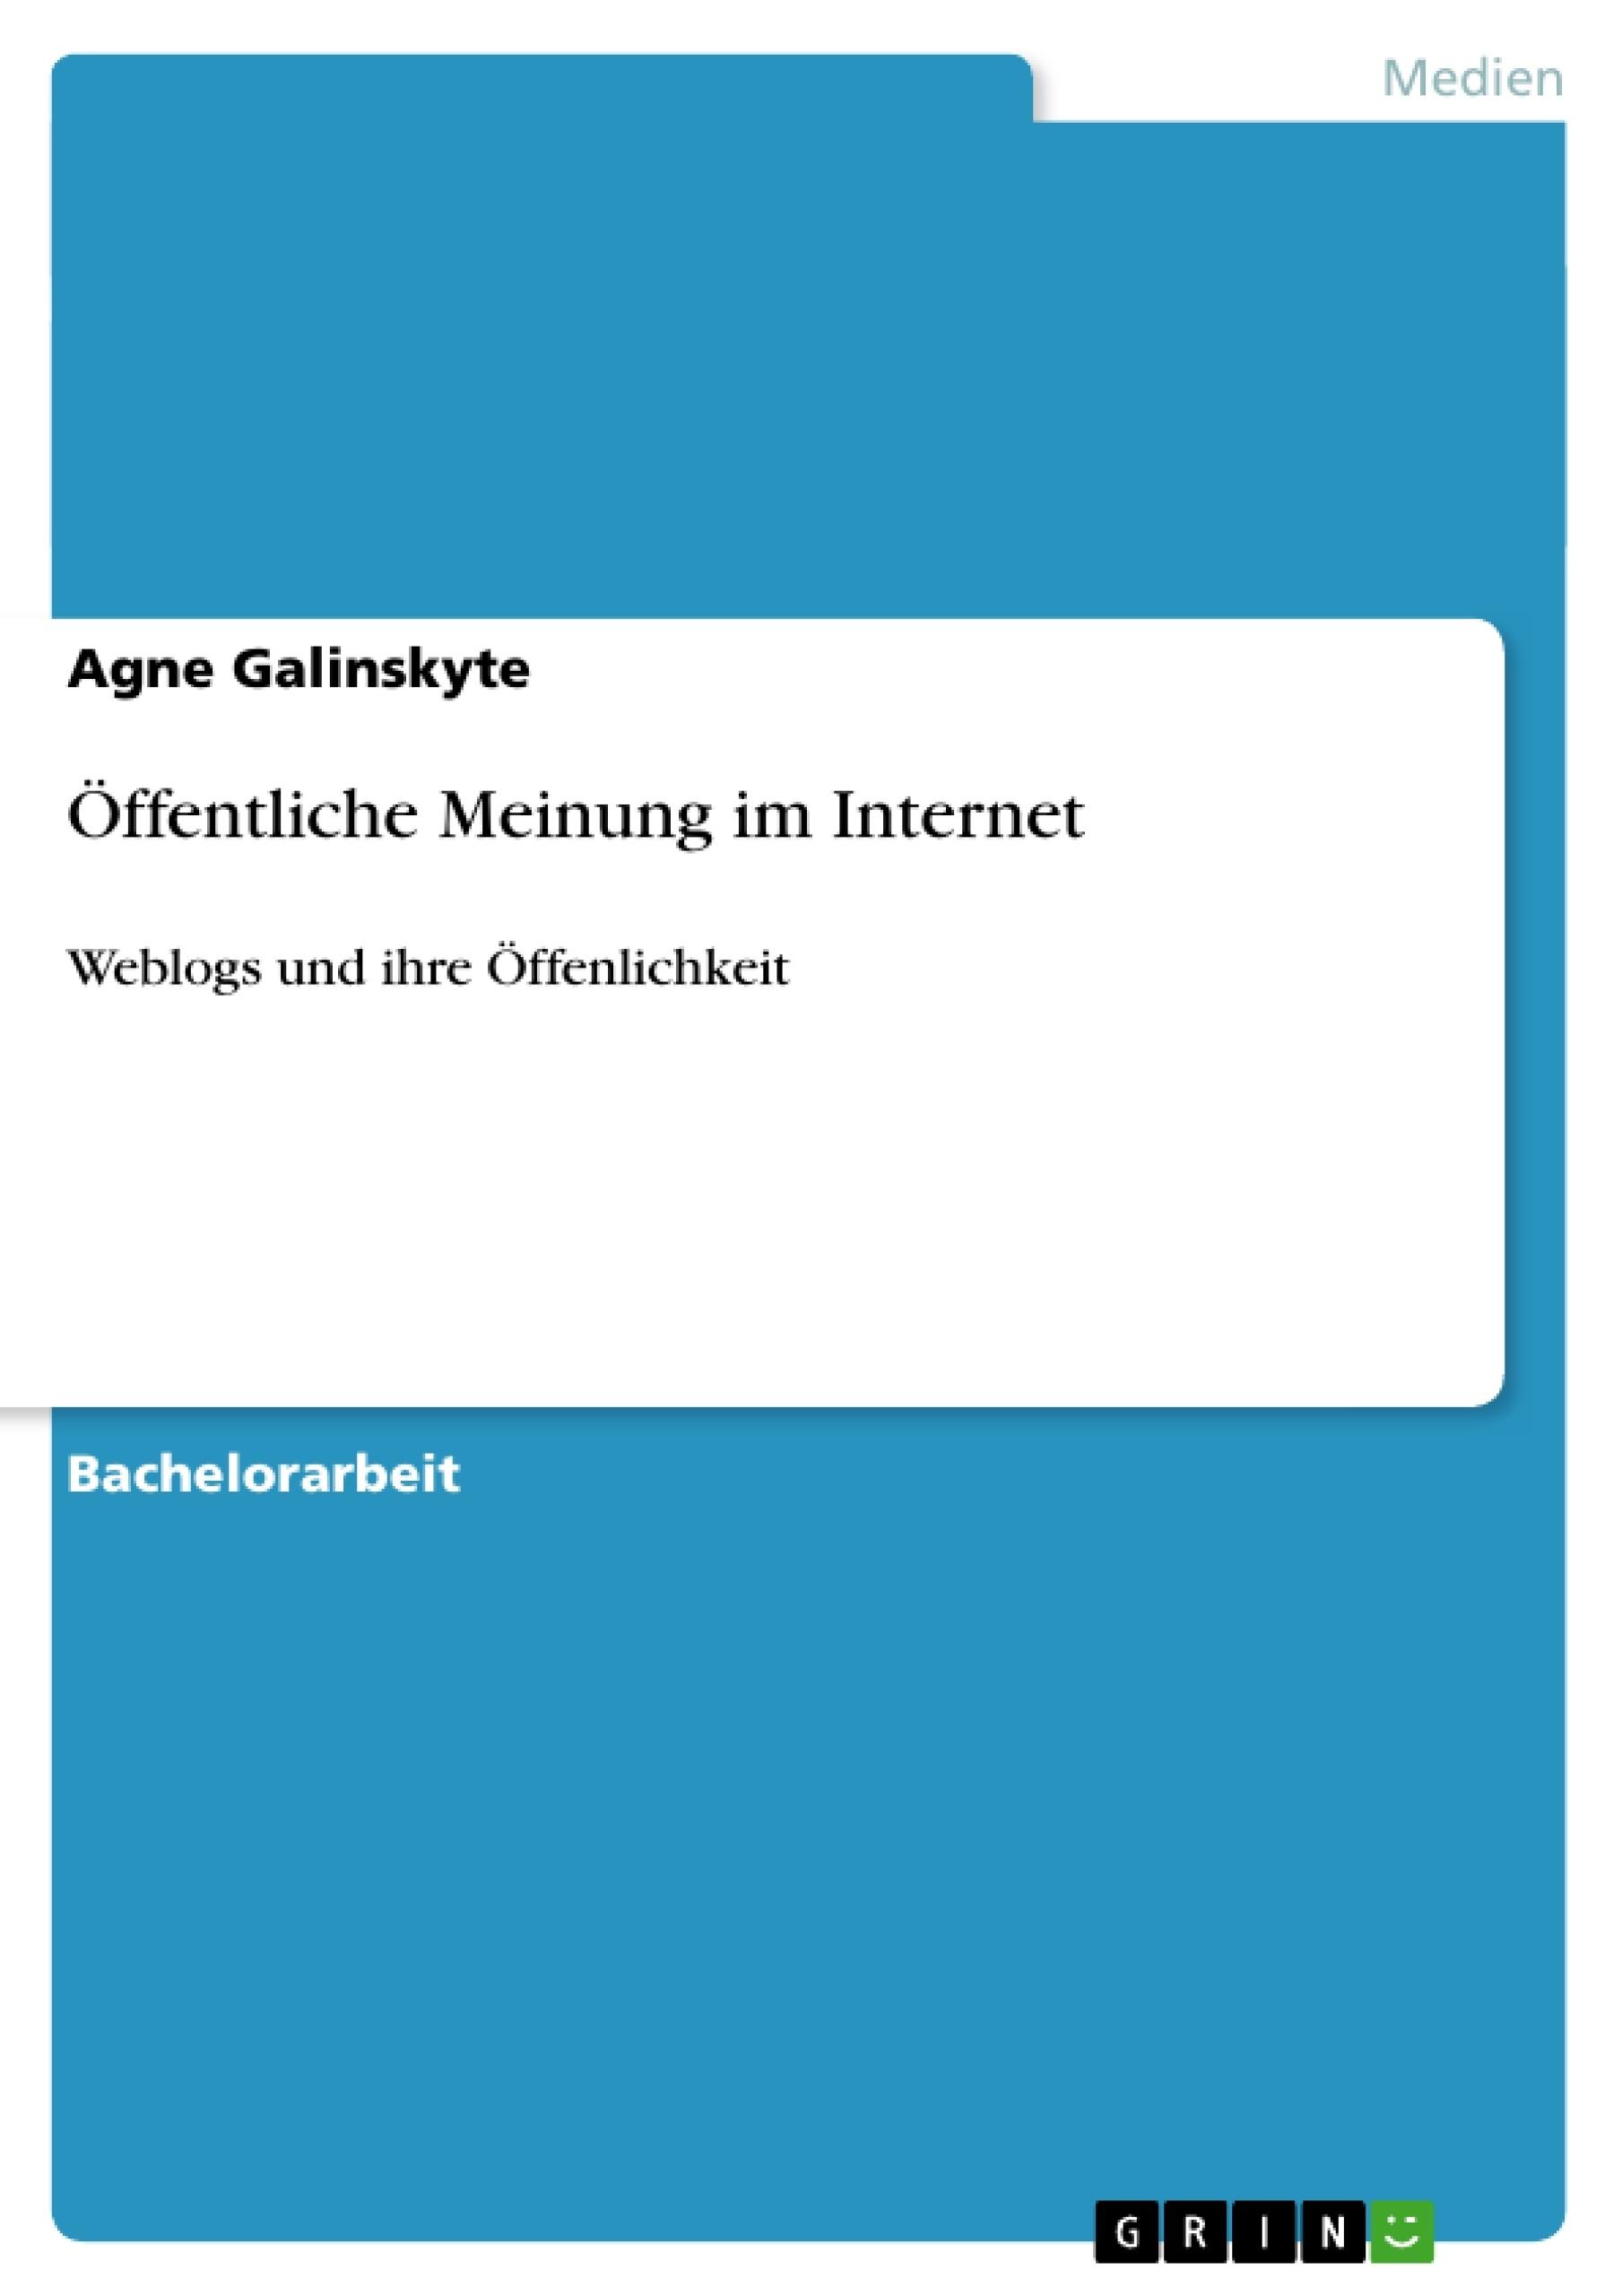 Titel: Öffentliche Meinung im Internet